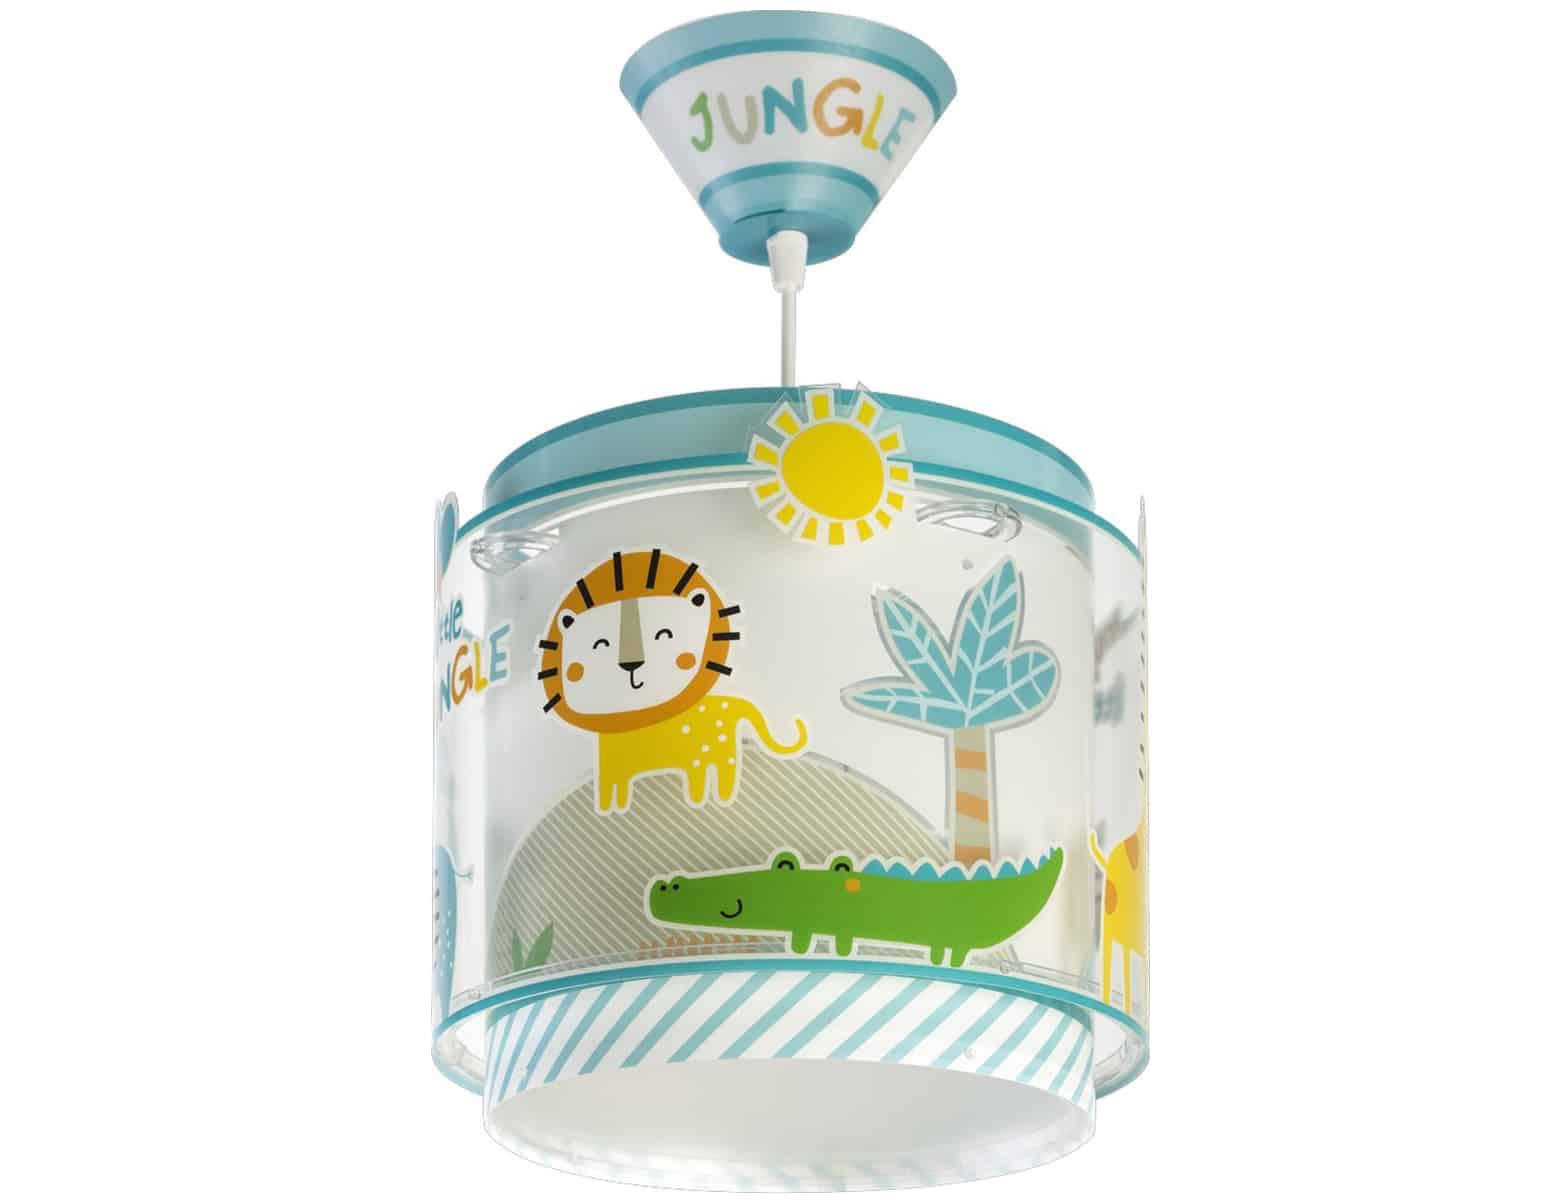 Φωτιστικό Οροφής My Little Jungle Ango 26x26x25εκ. 76112 (Υλικό: Πλαστικό) - ango - ANGO_76112